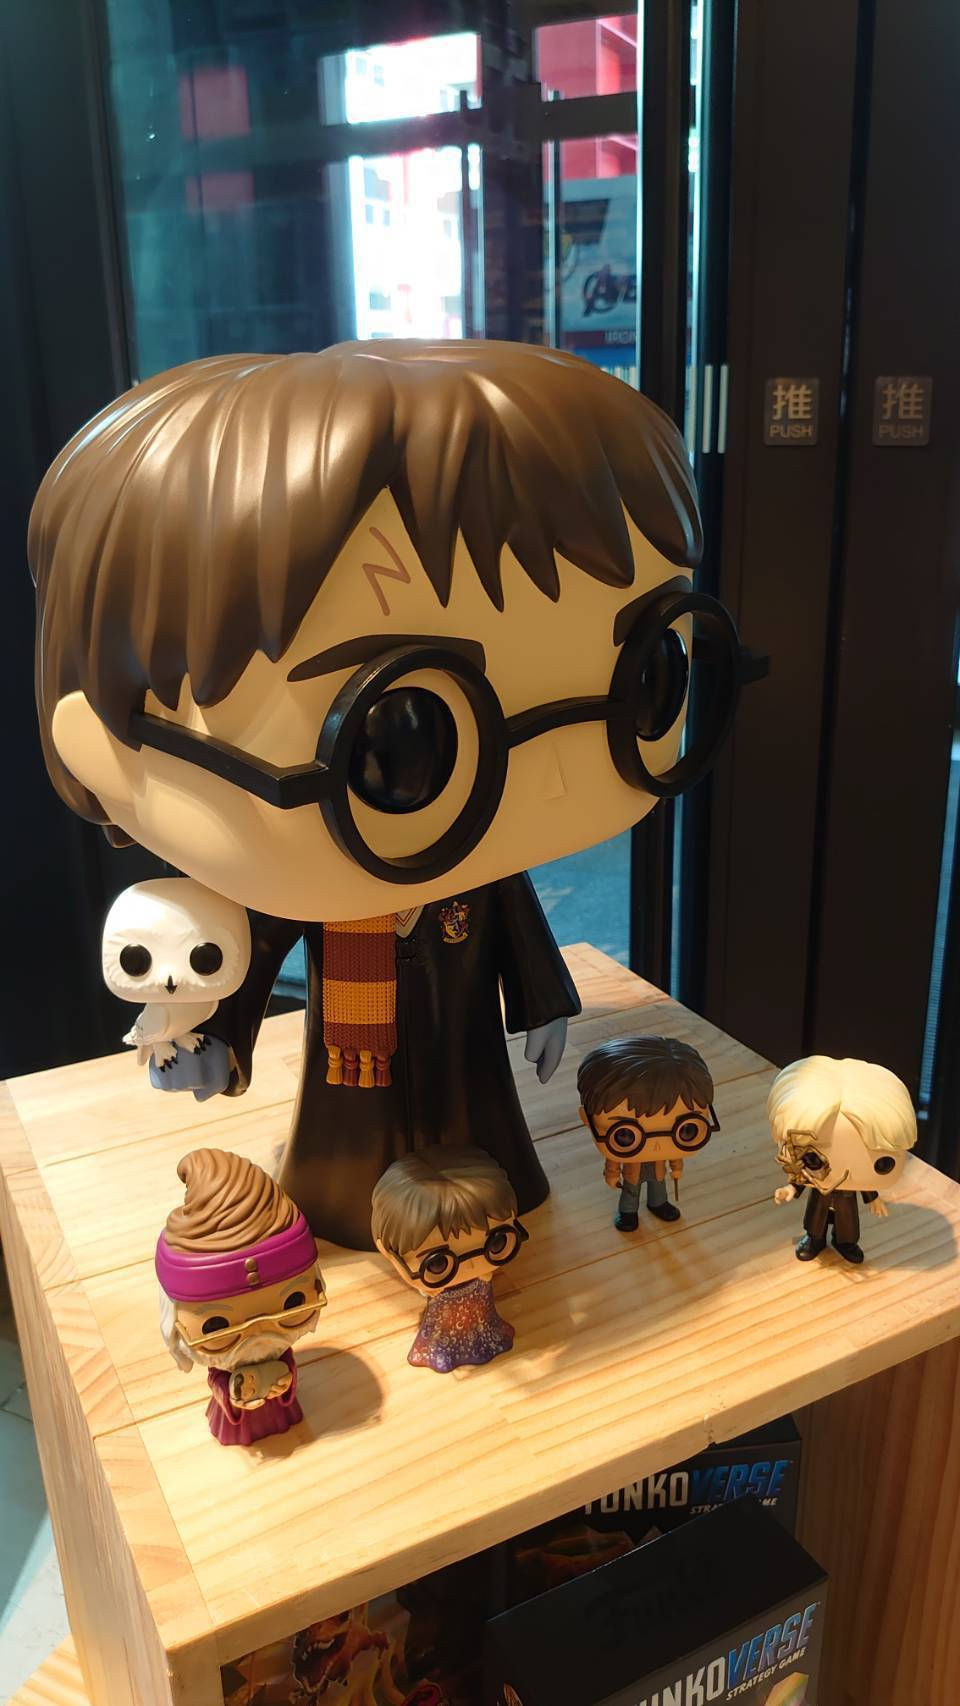 店中展售唯一的18吋哈利波特公仔,主角哈利波特身上的圍巾和臉上紋路都栩栩如生。記...